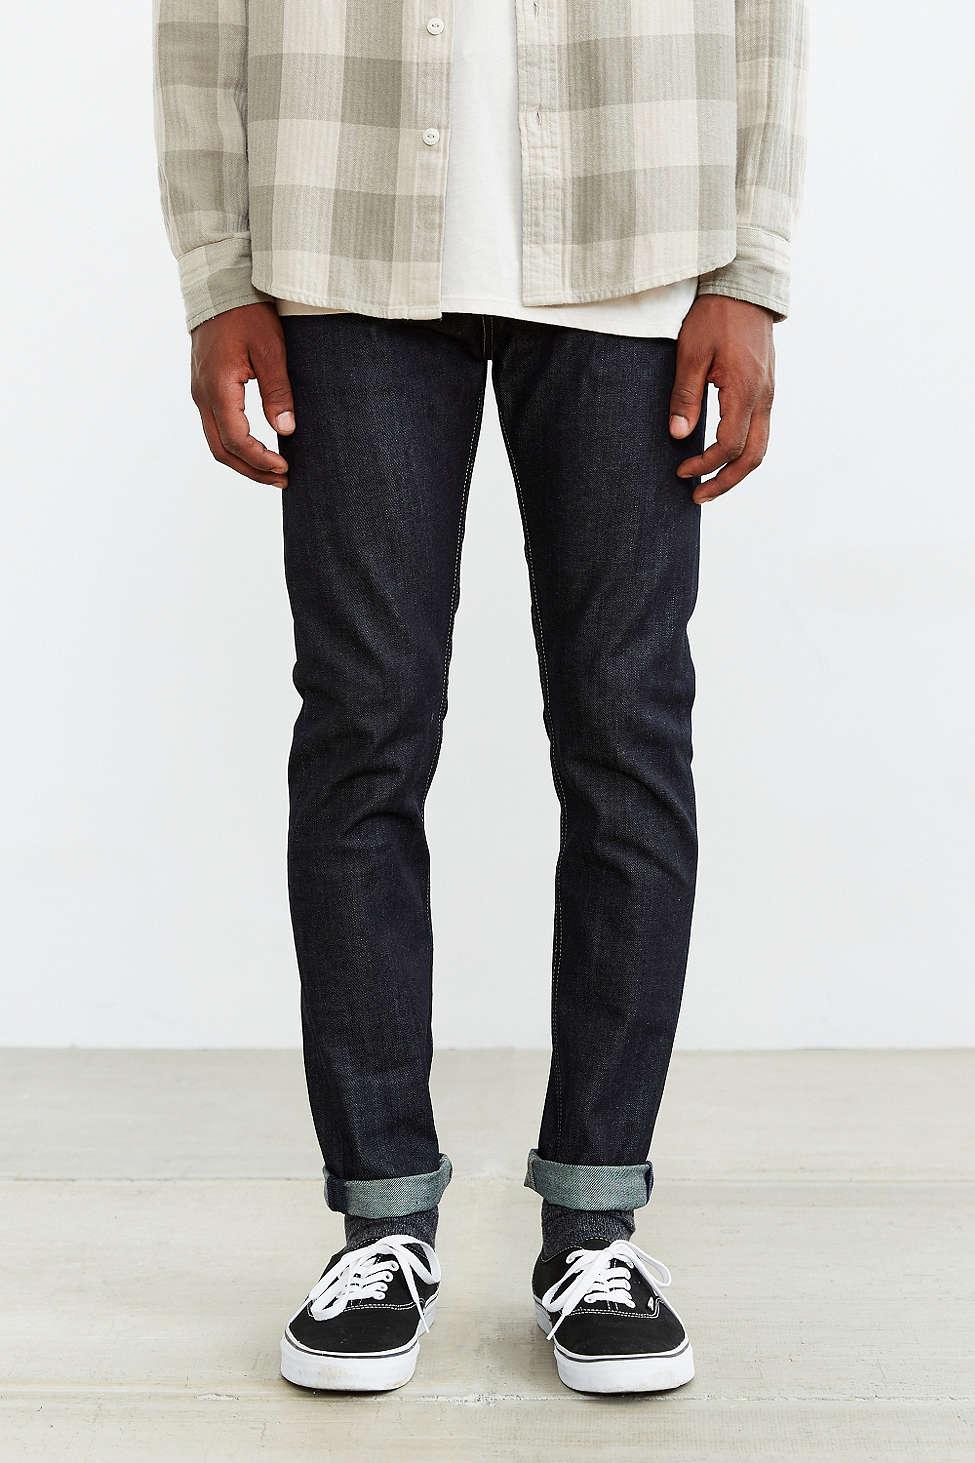 美國百分百【全新真品】Levis 510 Skinny Fit 男 牛仔褲 直筒 修身 窄版 單寧 深藍 29腰 E283